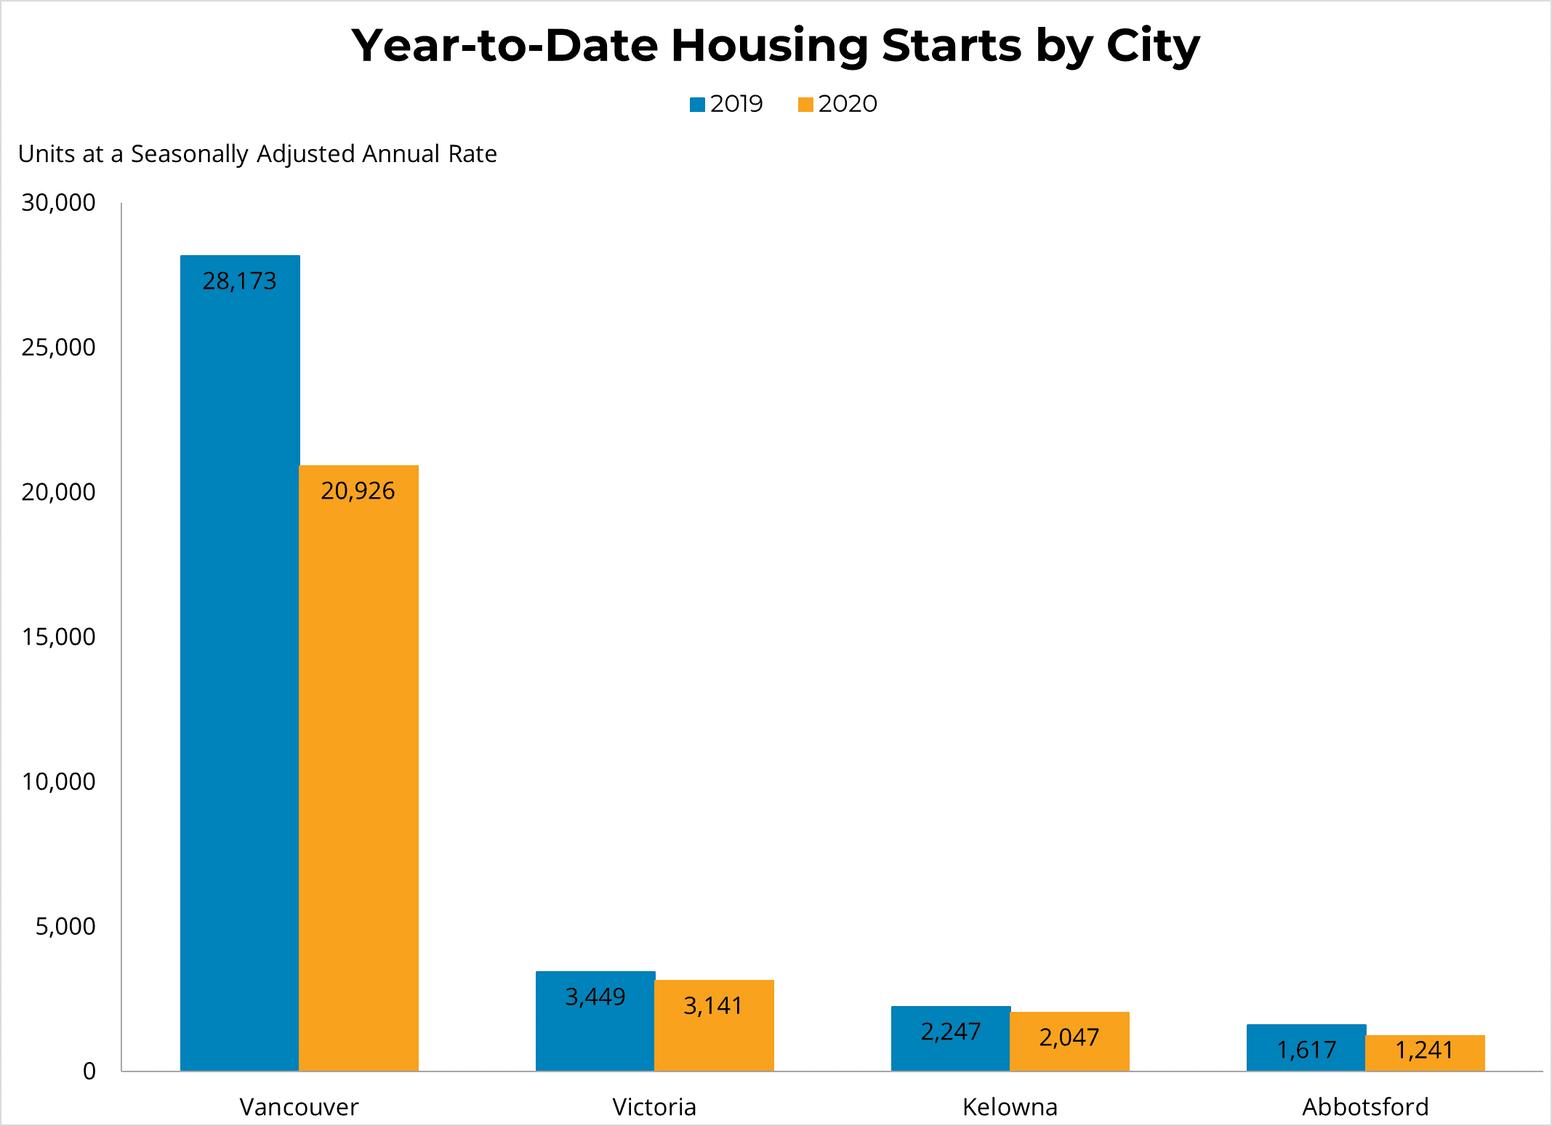 YTD Housing Starts by City